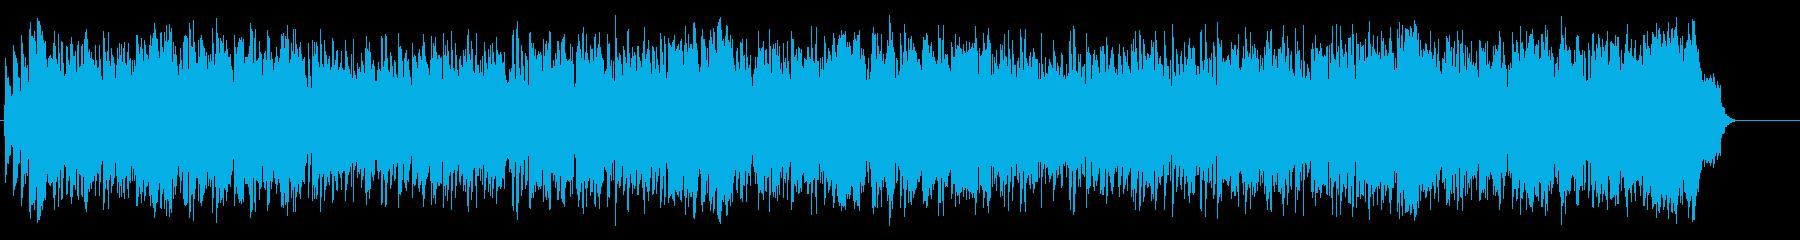 穏やかなミディアム・バラード/ポップの再生済みの波形